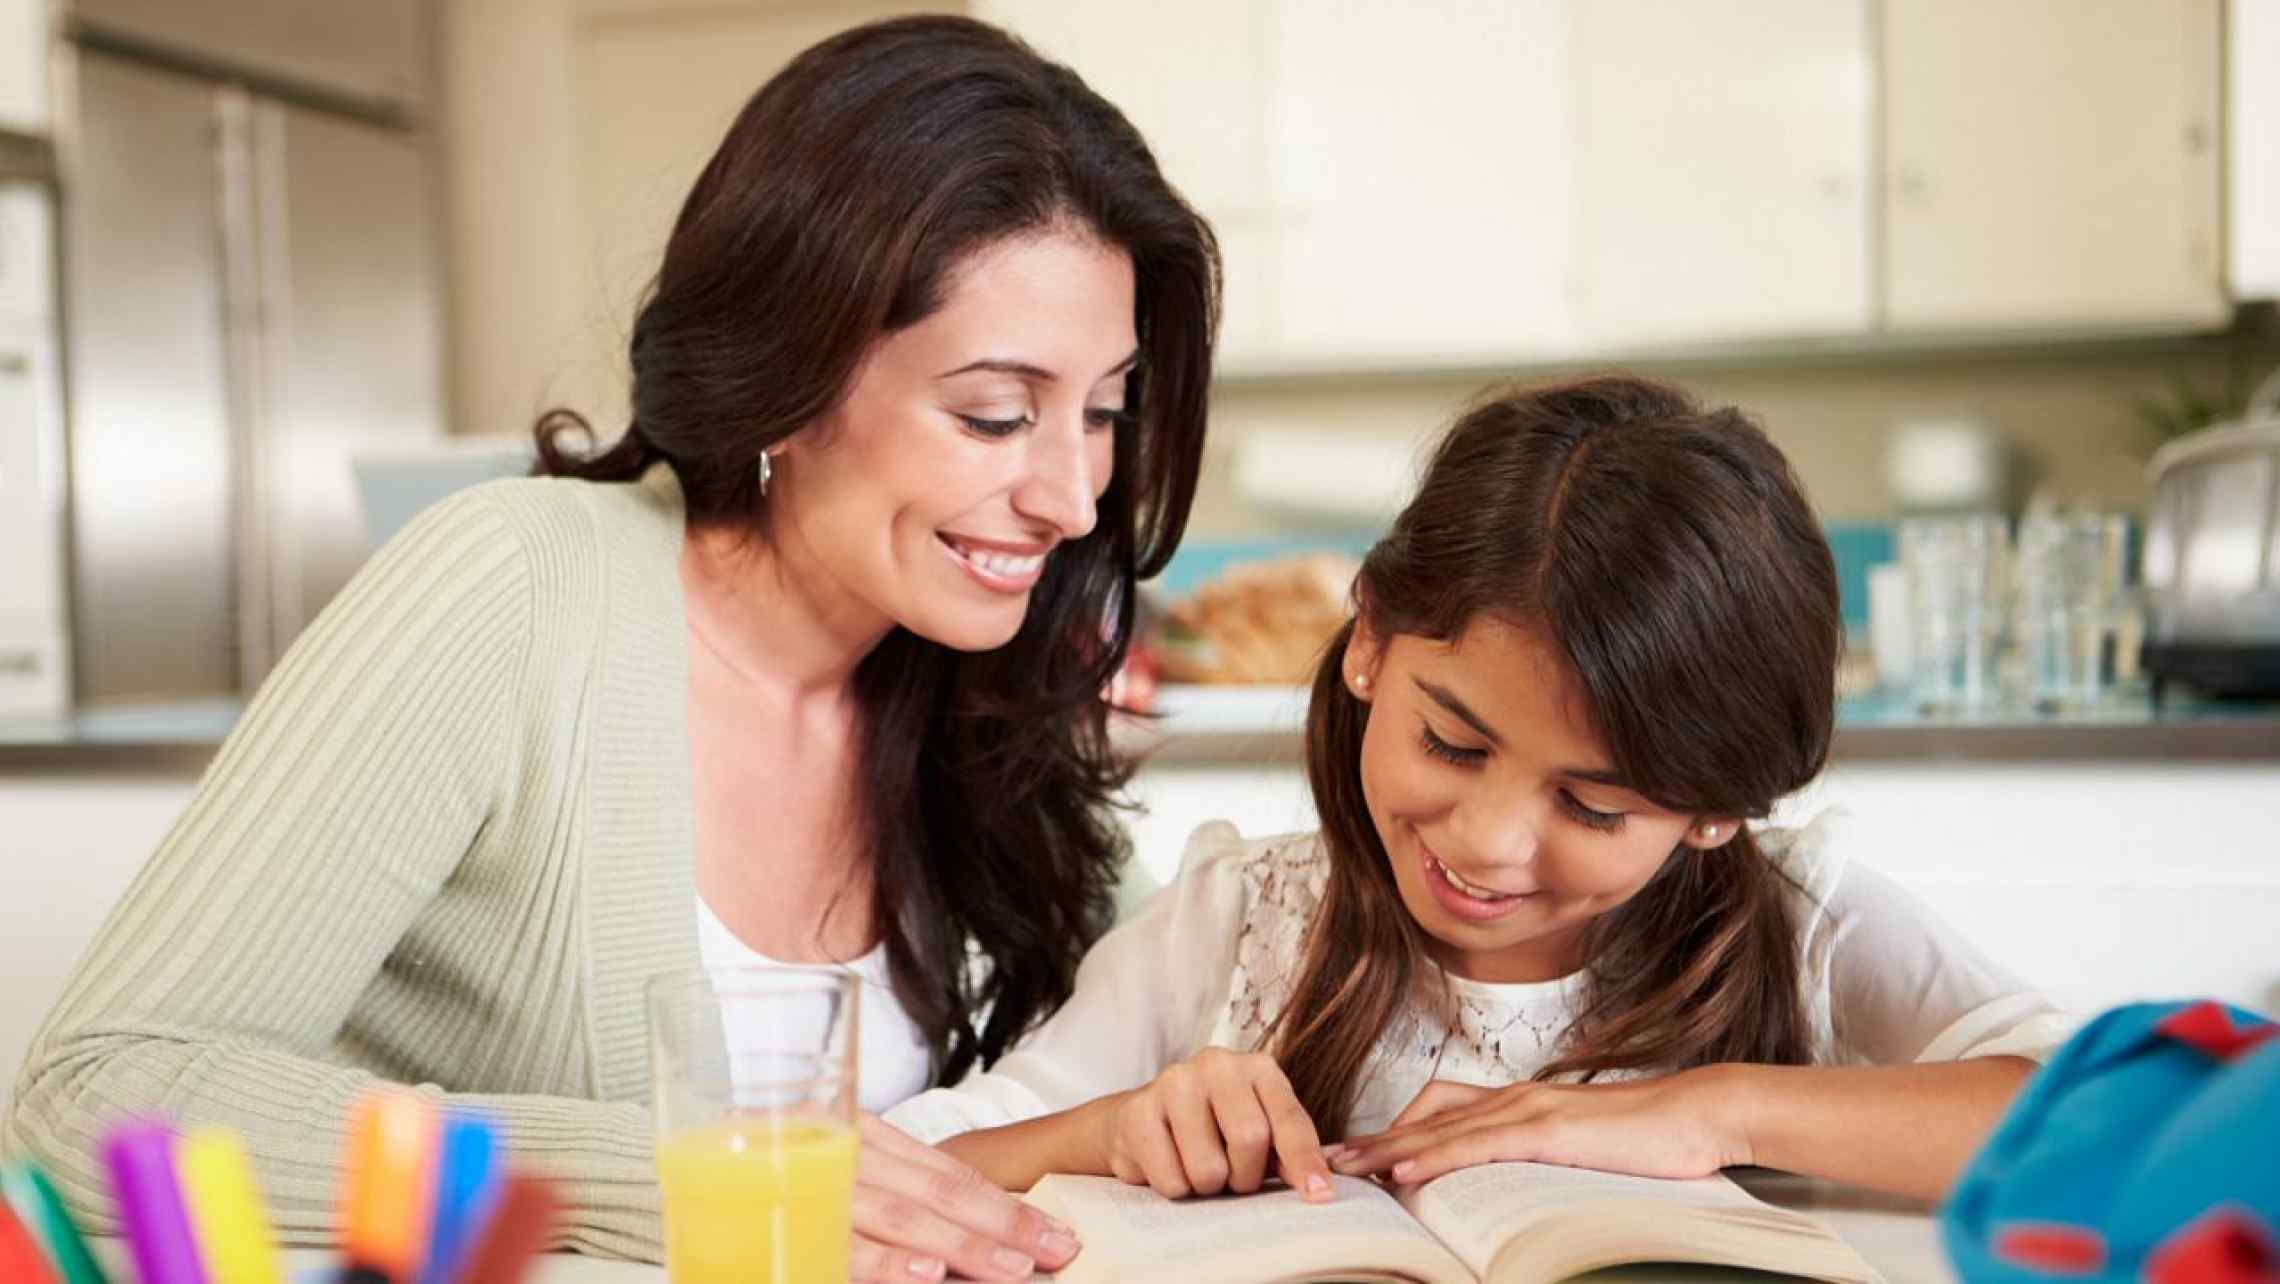 Tips Memberikan Kursus Calistung pada Anak Usia Dini untuk Masuk Ke Sekolah Dasar oleh BEST PRIVAT Kompasiana